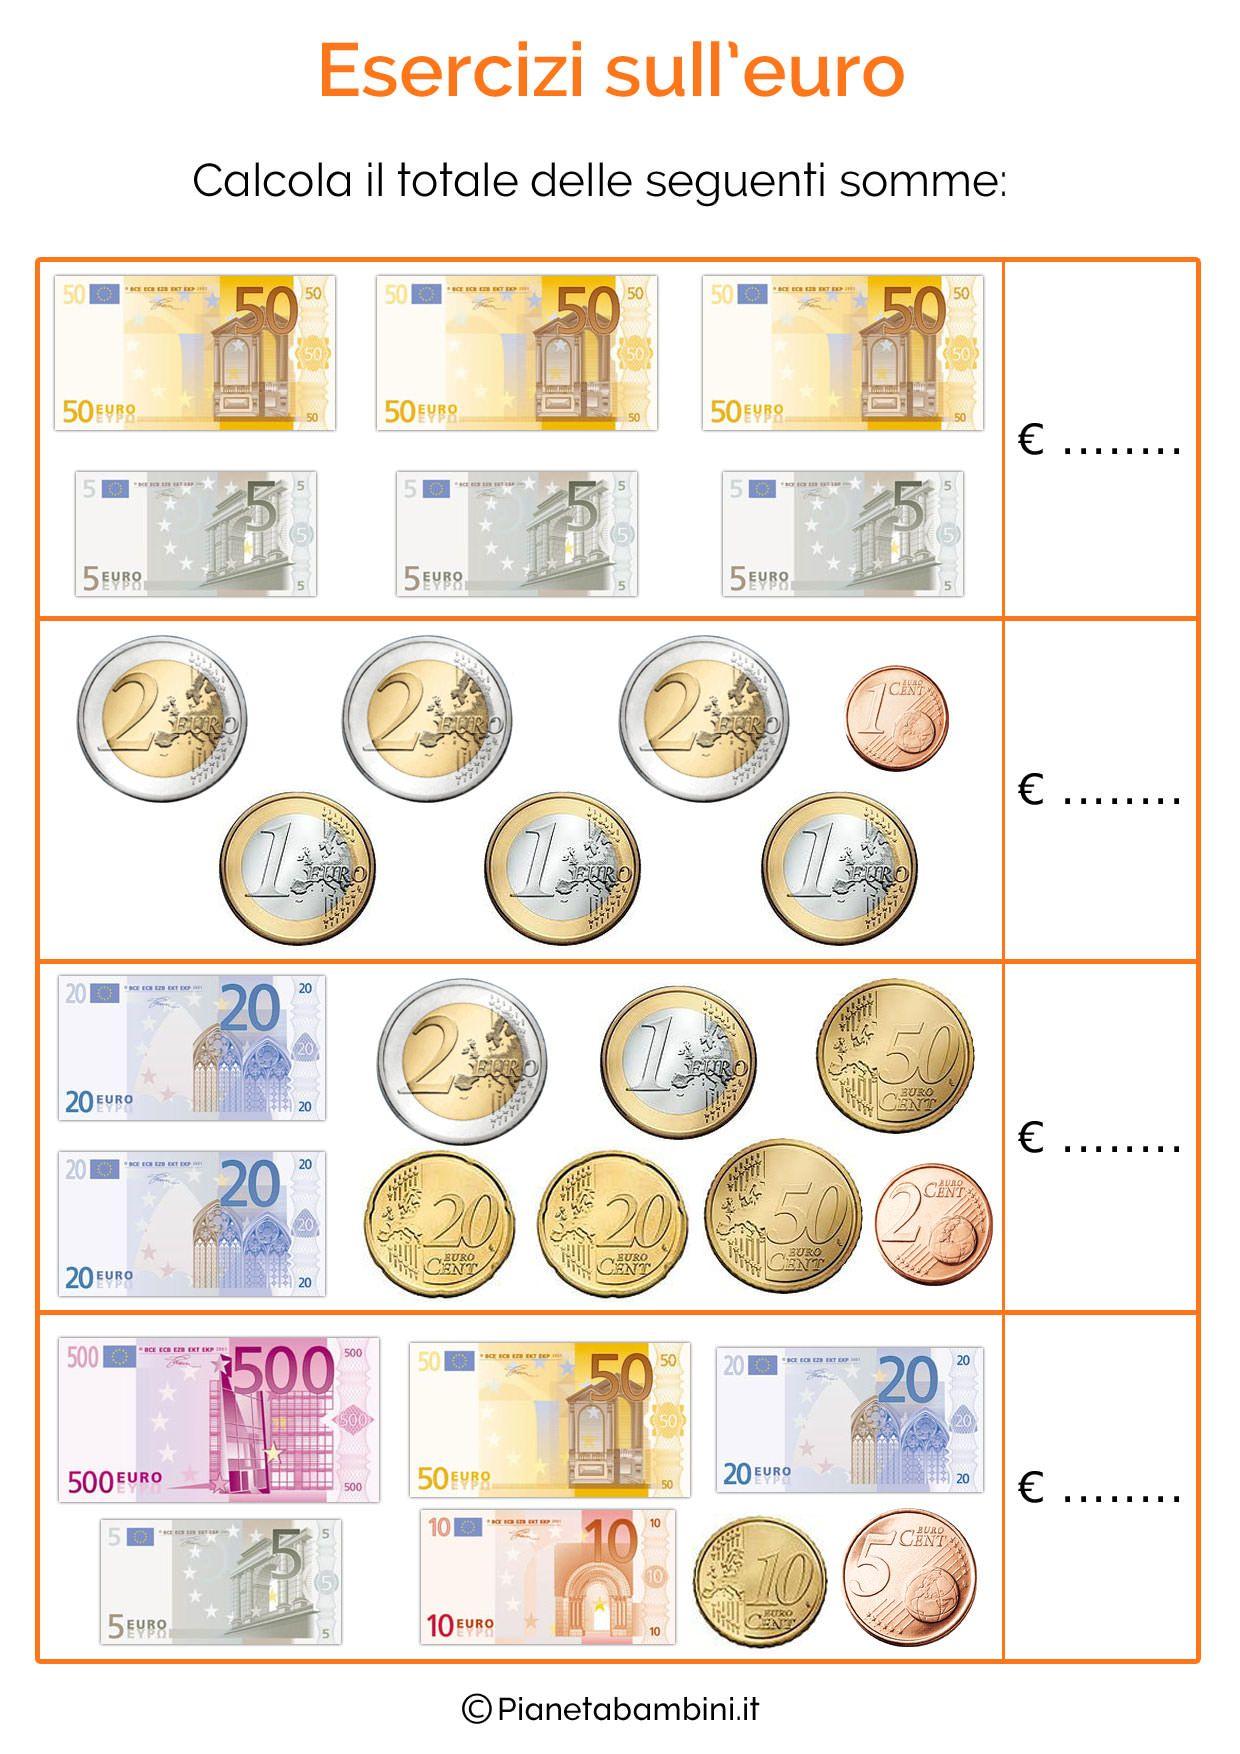 Schede didattiche sull 39 euro per bambini della scuola - Immagini in francese per bambini ...